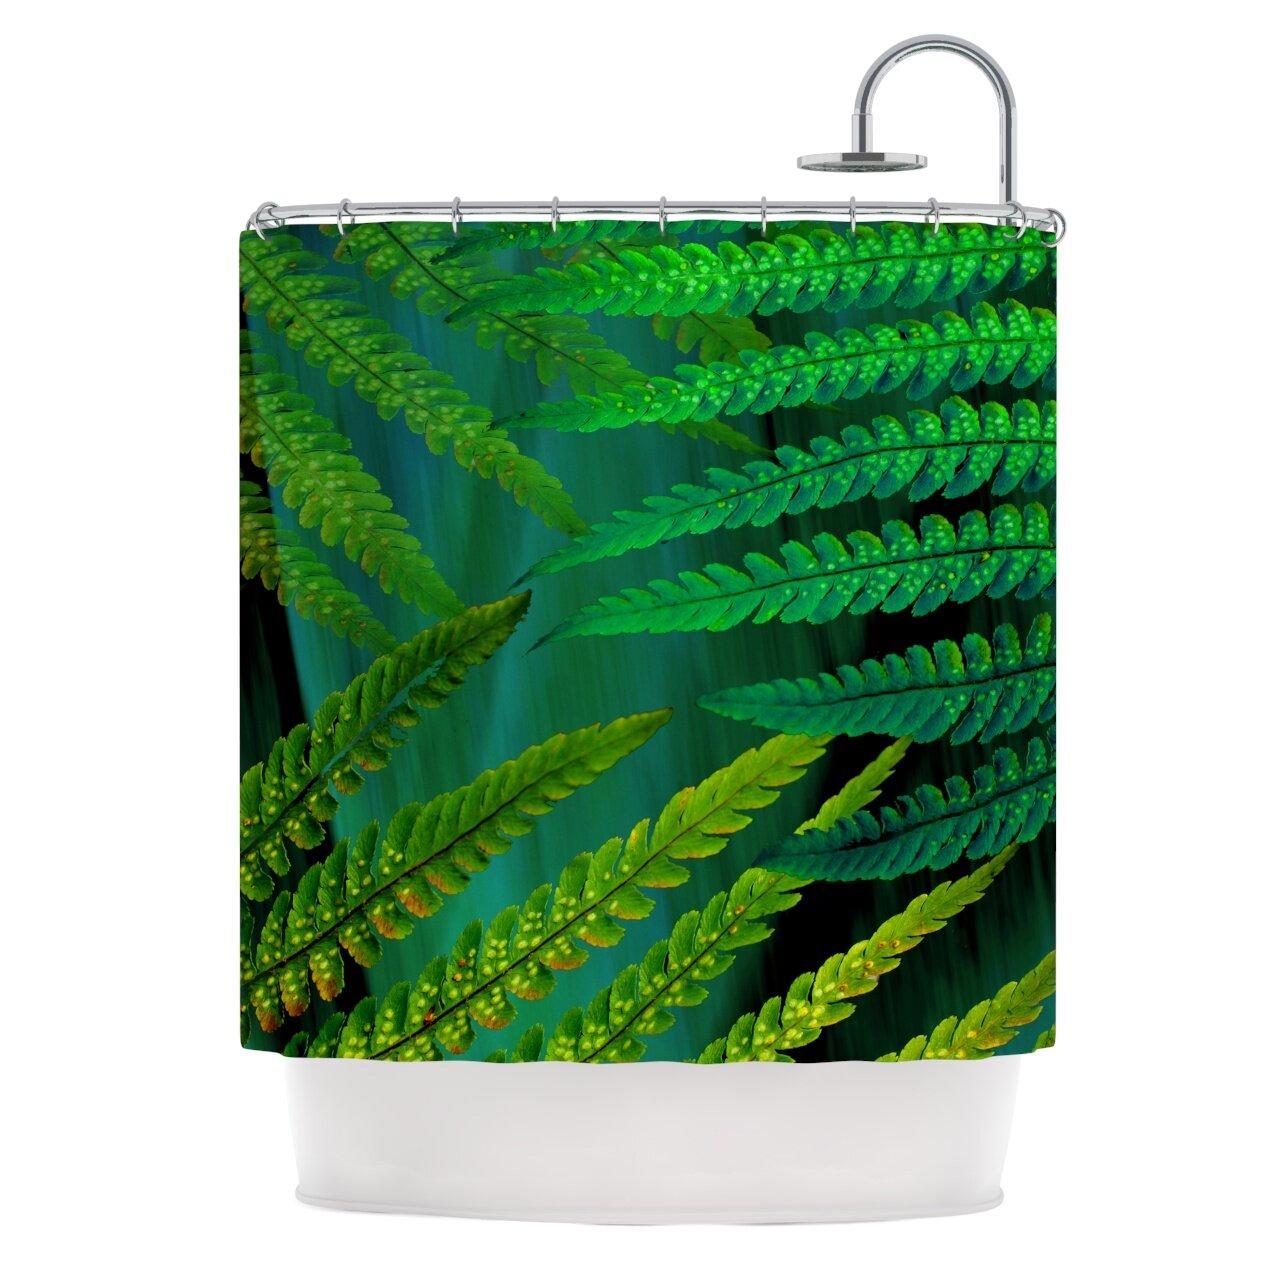 East Urban Home Forest Fern Shower Curtain & Reviews | Wayfair